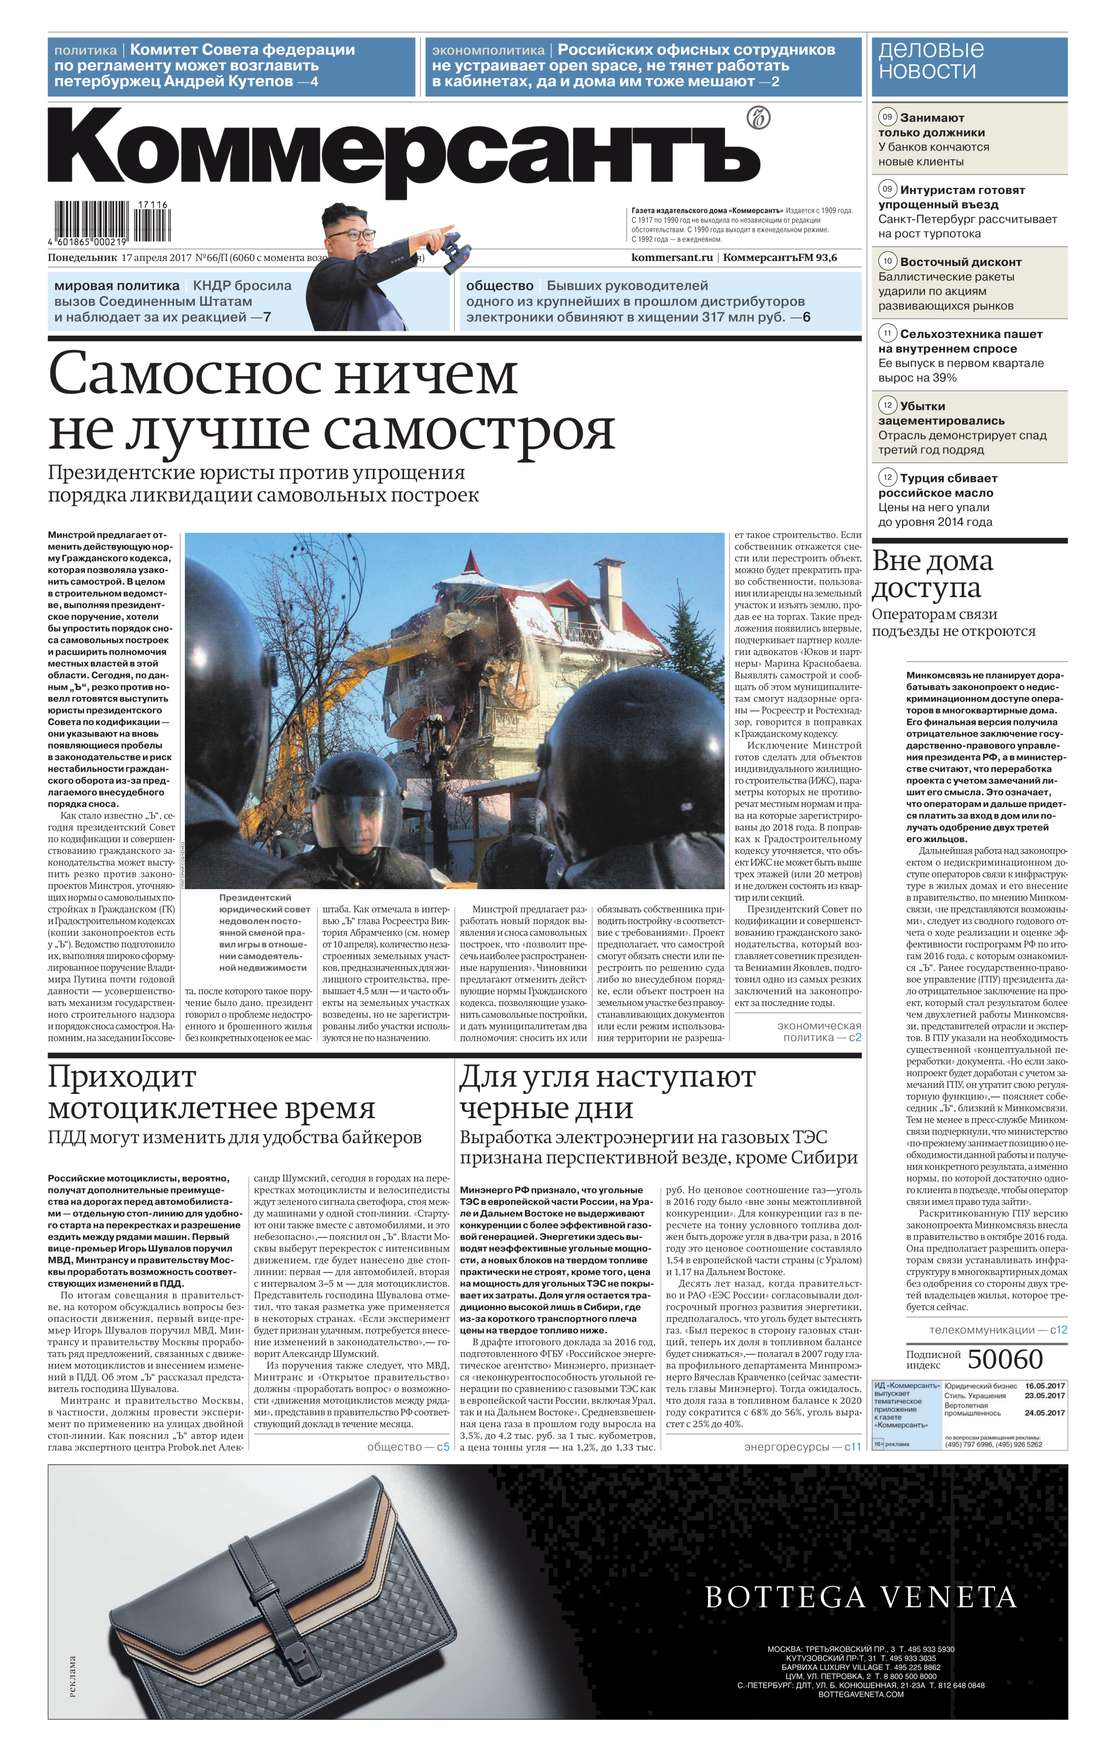 цена на Редакция газеты Коммерсантъ (понедельник-пятница) Коммерсантъ (понедельник-пятница) 66-2017